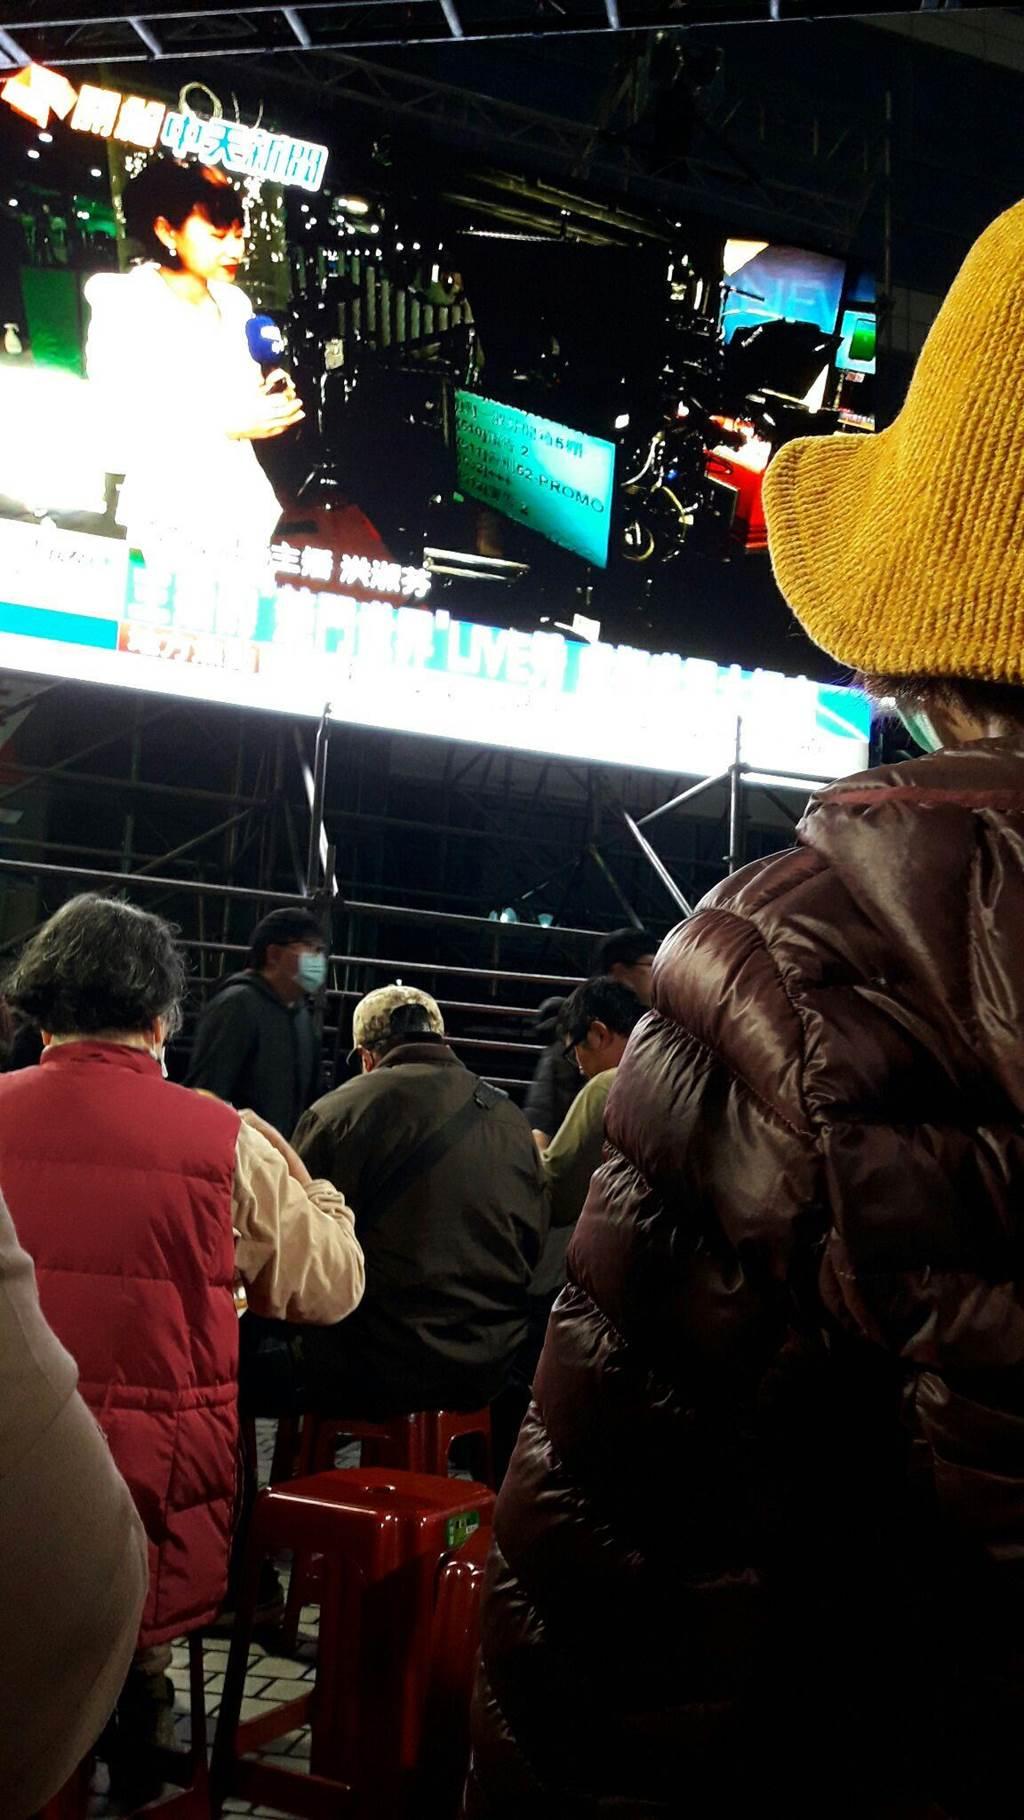 隨著52頻道結束倒數時刻逼近,入夜後,有愈來愈多「觀眾」從家裡的電視機前,走到了中天新聞大樓外,所有人都變成了對新聞自由、民主人權的「支持者」。(朱真楷攝)